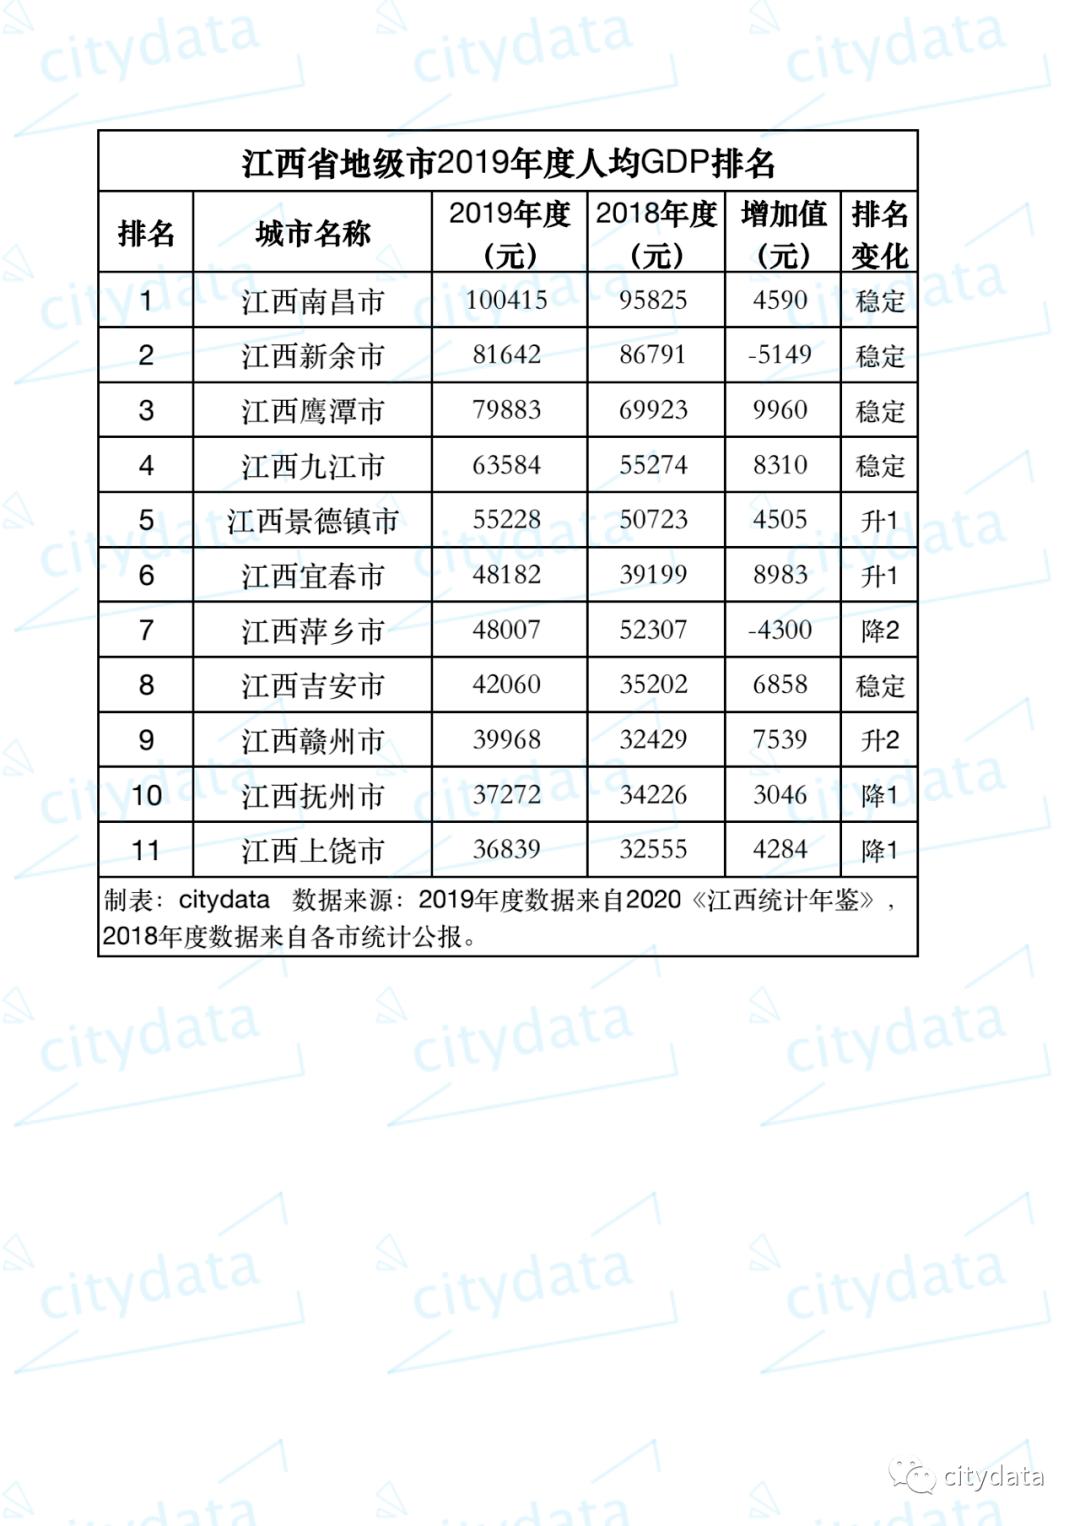 2019年各市gdp_2019年黑龙江省地级市人均GDP排名大庆市超9万居第一